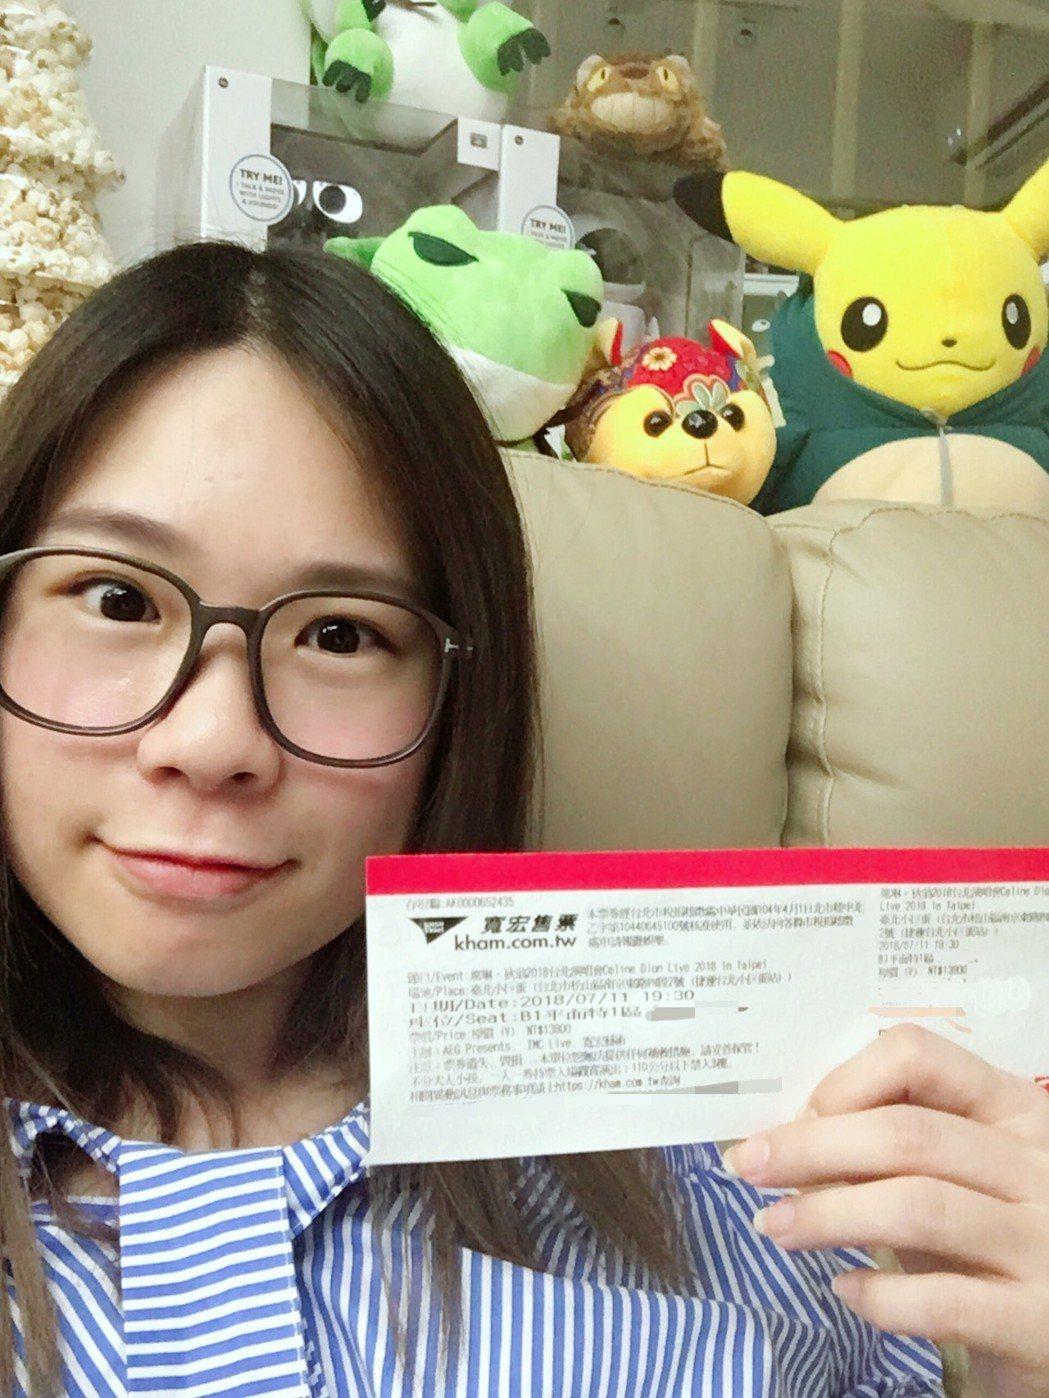 符瓊音開心秀出偶像的演唱會門票。圖/符瓊音經紀人提供